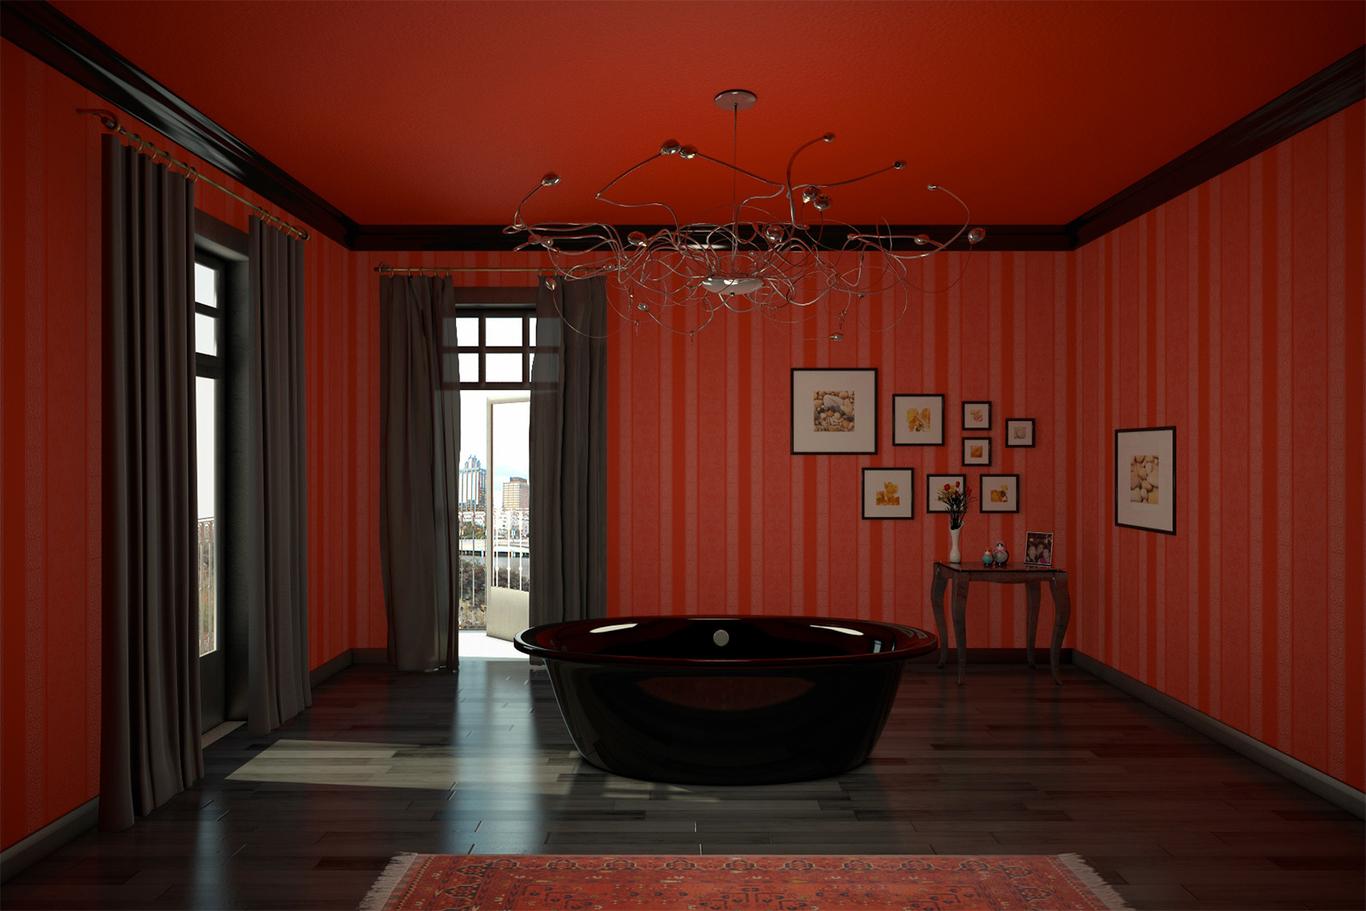 Spaik luxury european bath 1 b262d619 ftxa